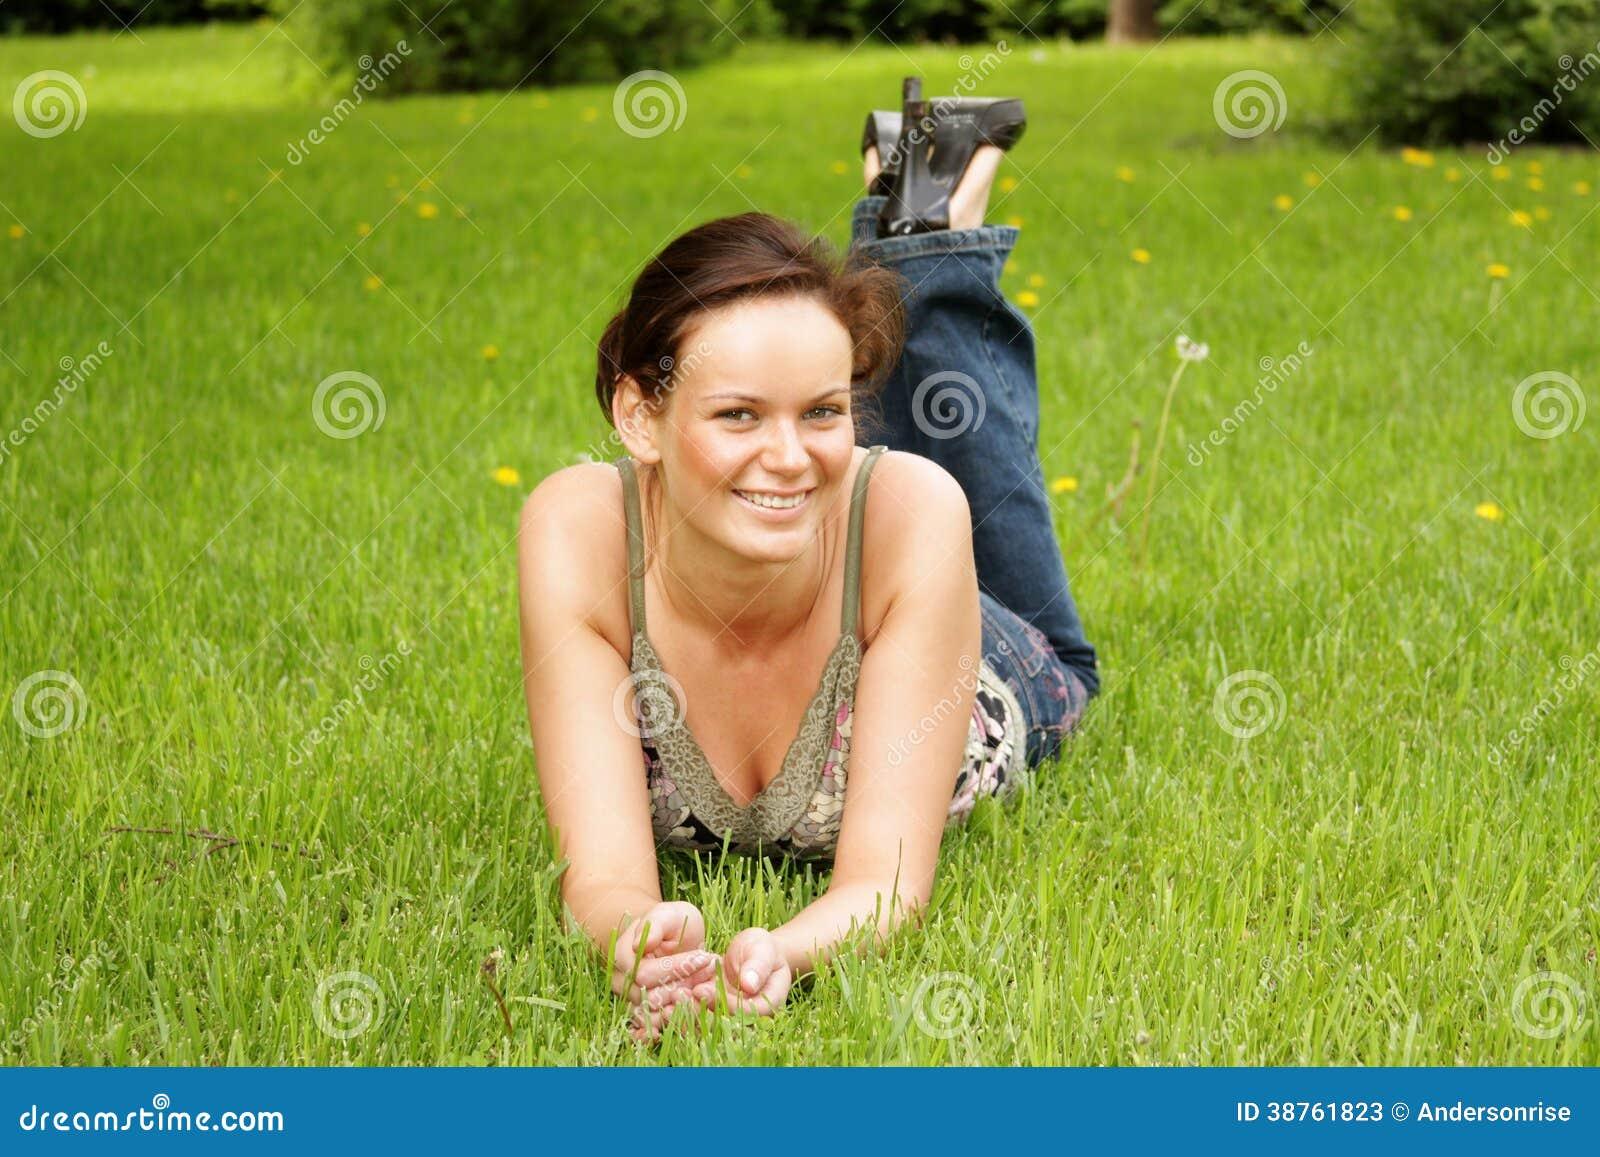 Junge Frau, die auf einem grünen Rasen liegt